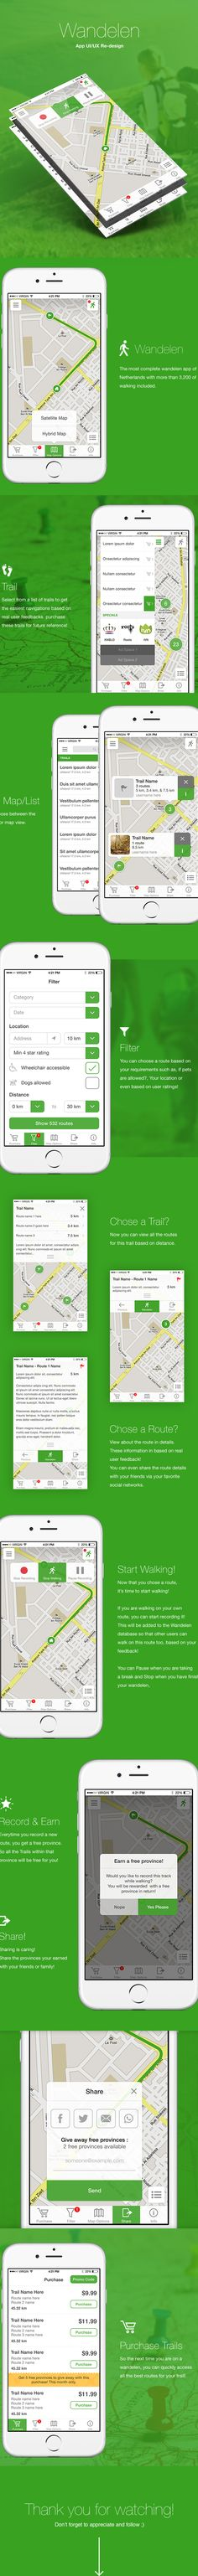 Wandelen | iPhone app UI design on Behance